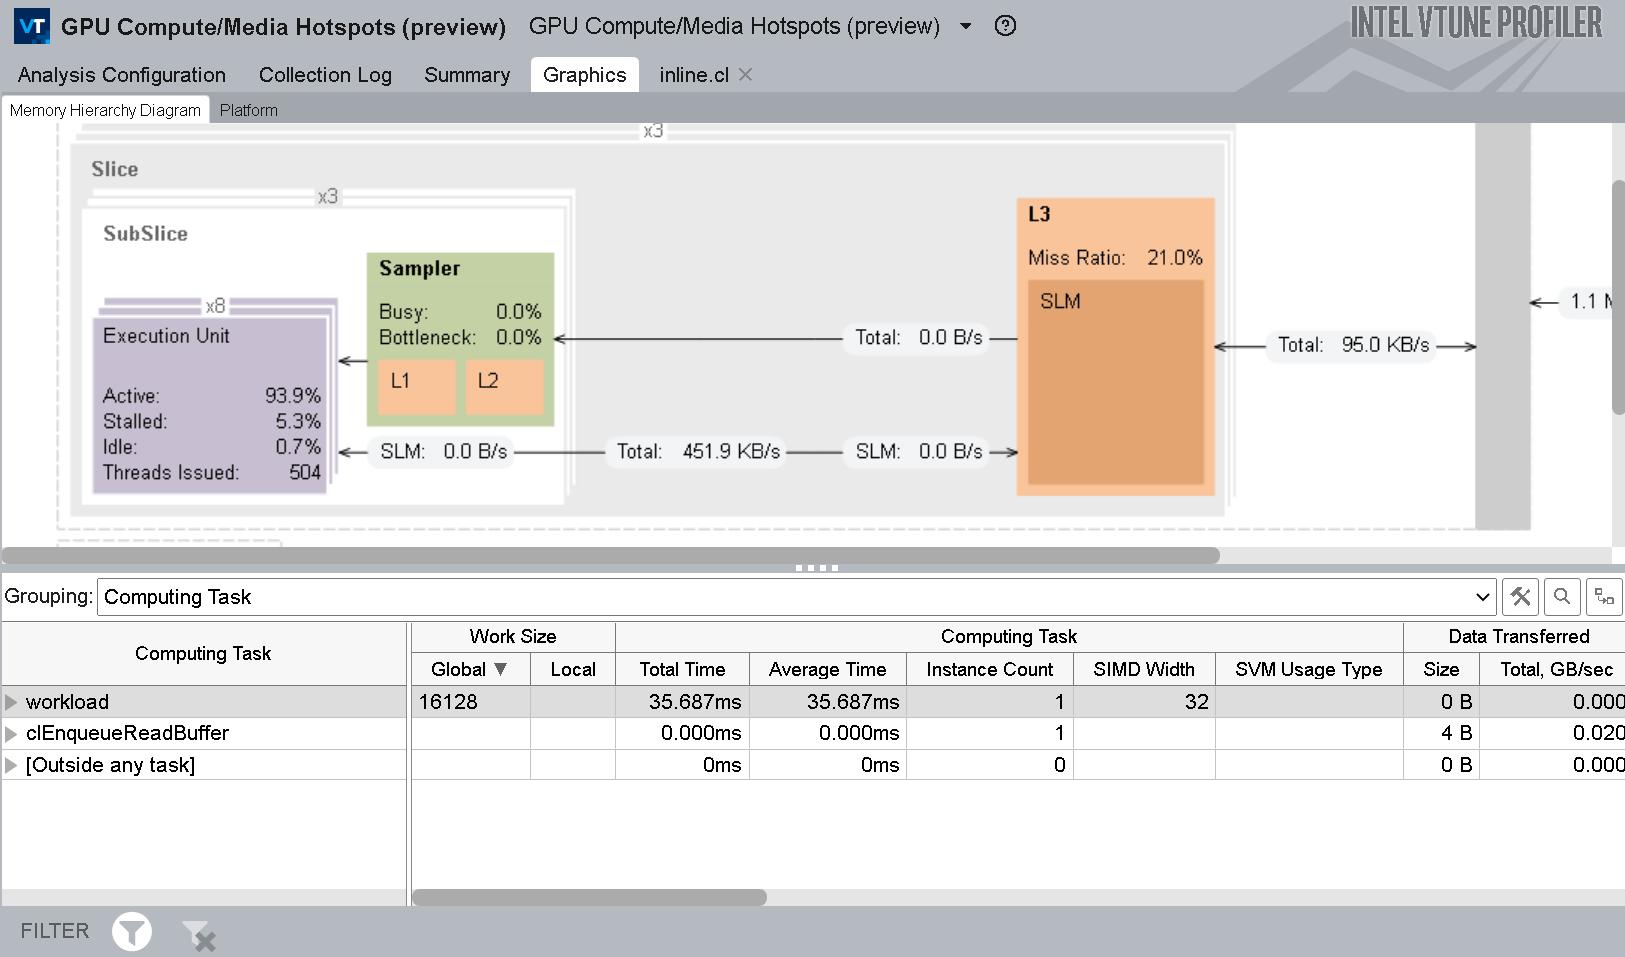 GPU ホットスポット解析の計算タスクのグループ化